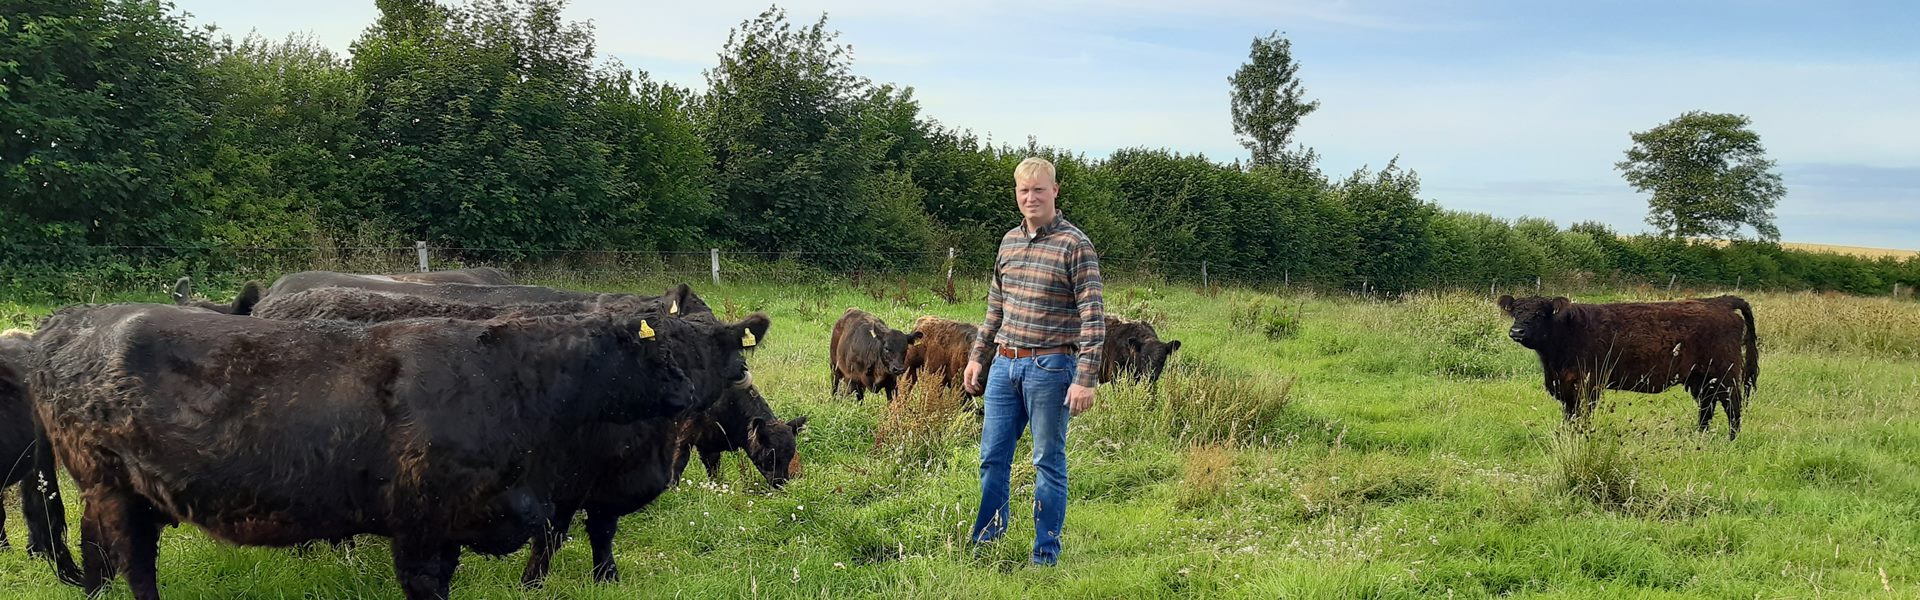 Marten Nissen beim Kontrollgang auf den Weiden im Oxbektal